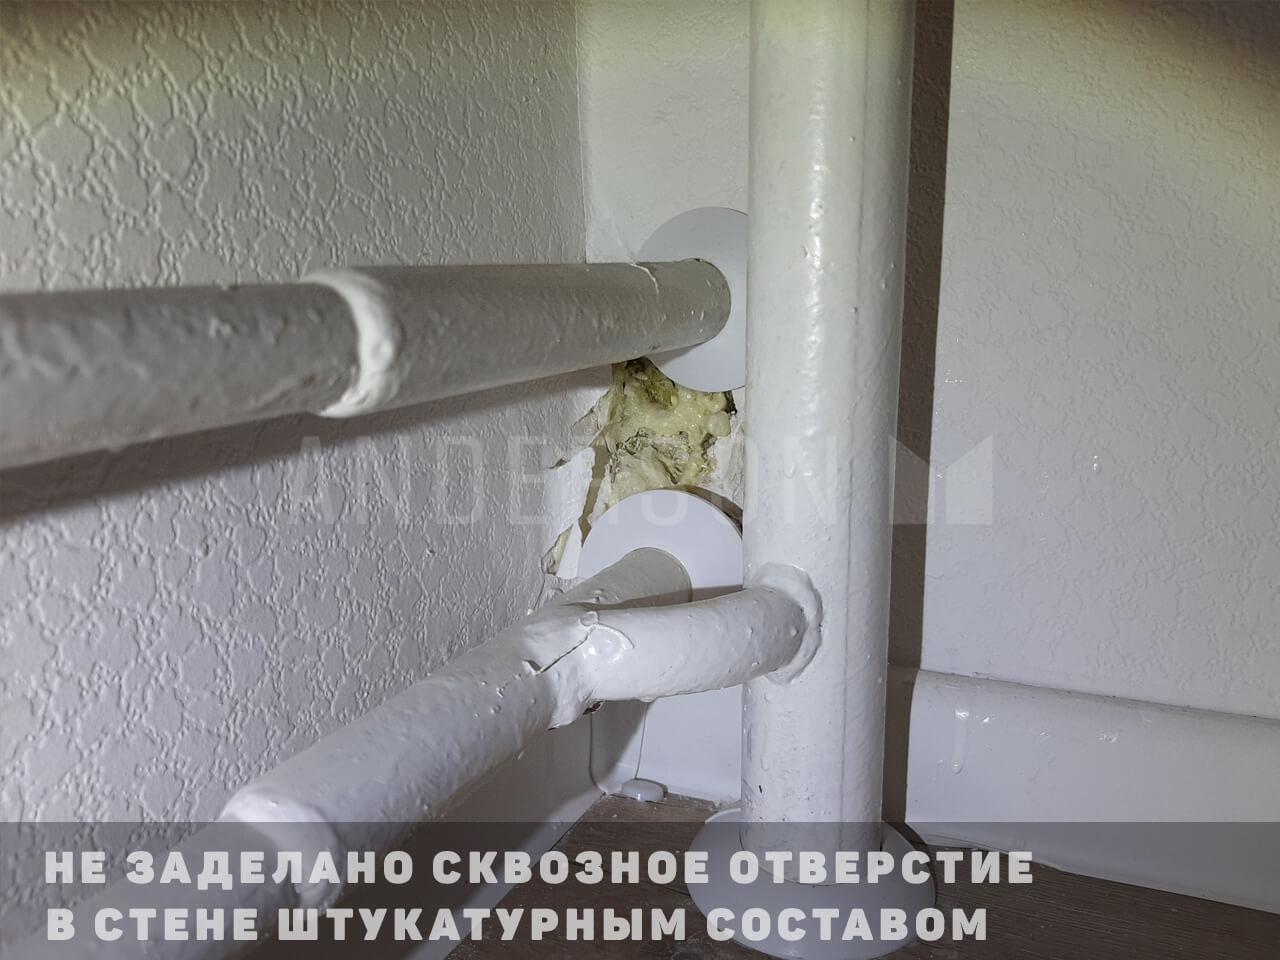 дыра в стене запенена